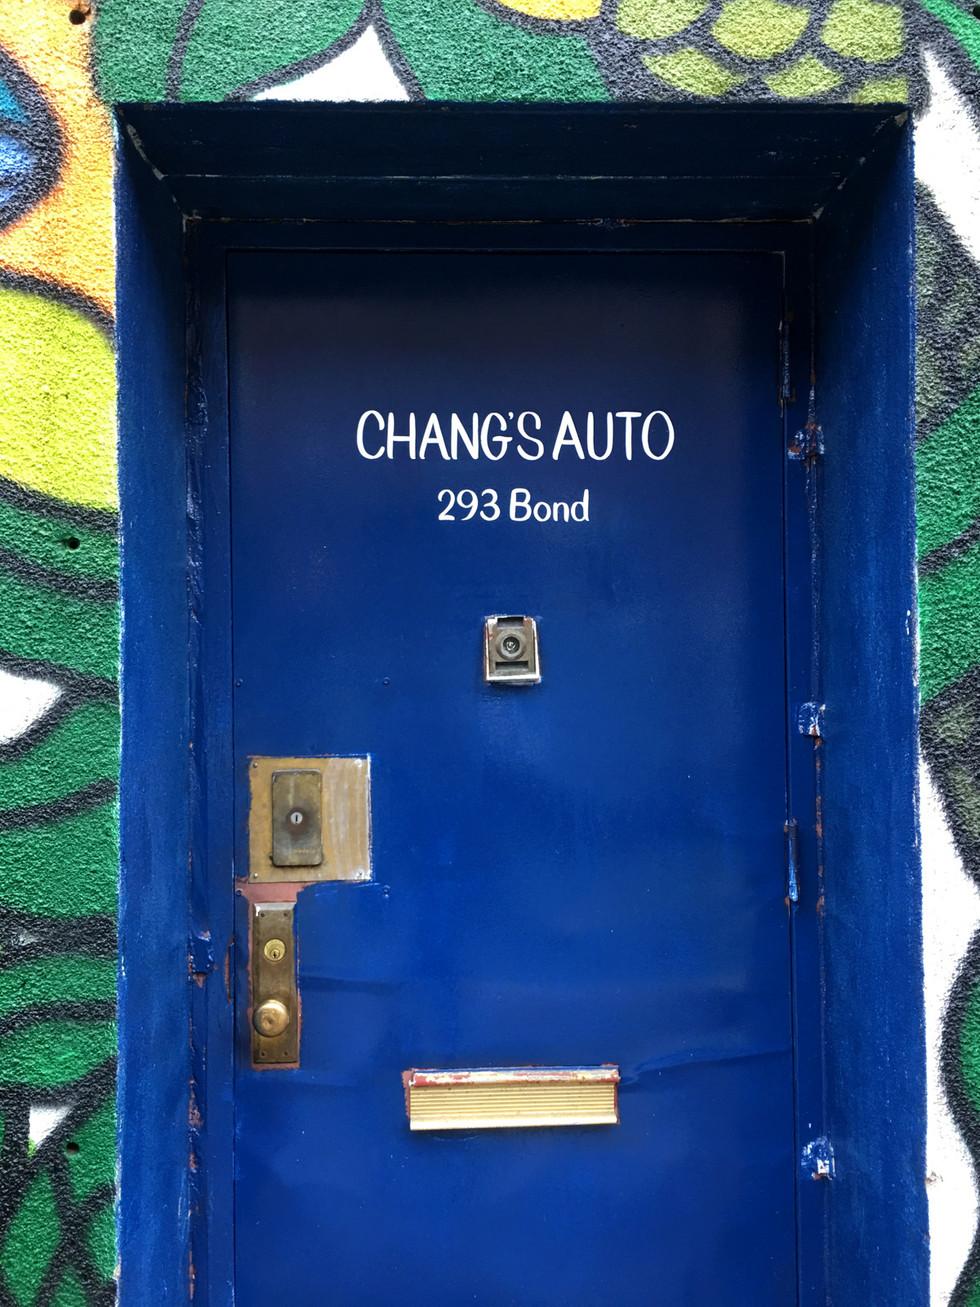 Changs Auto Door